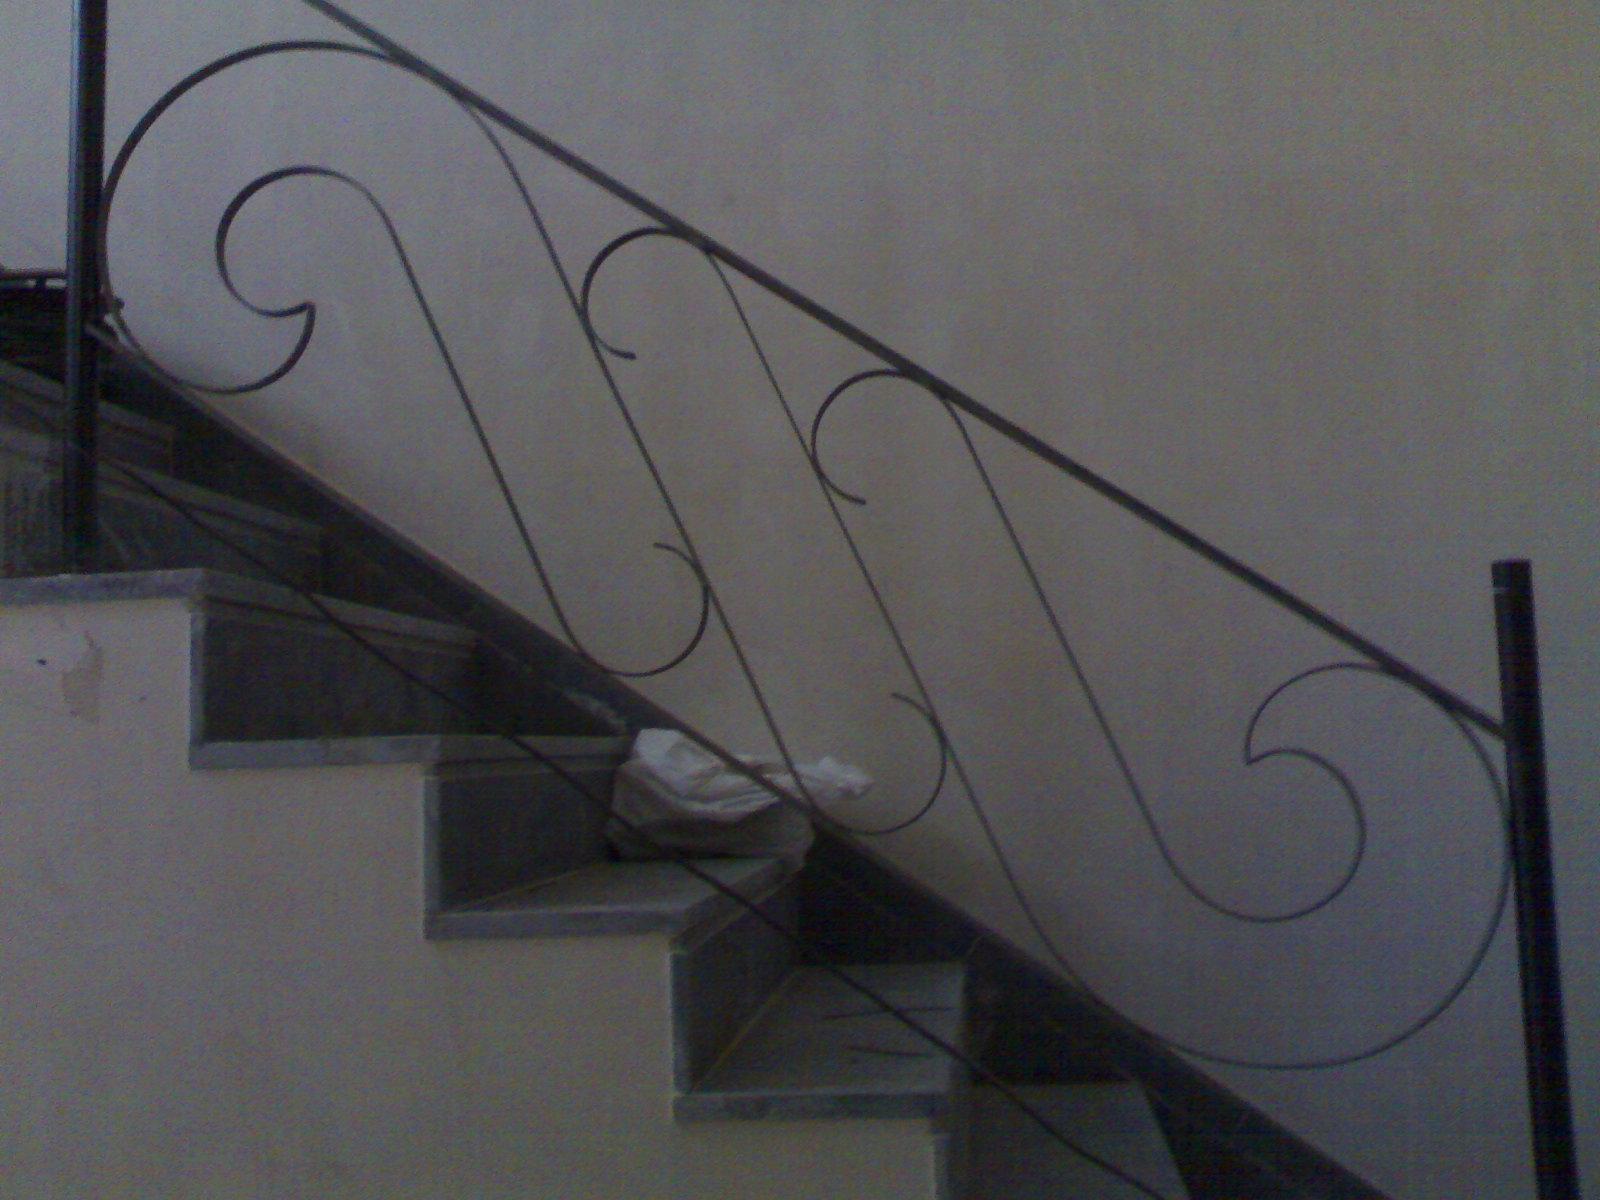 Fotos de escaleras barandillas de forja tattoo design bild for Imagenes escaleras